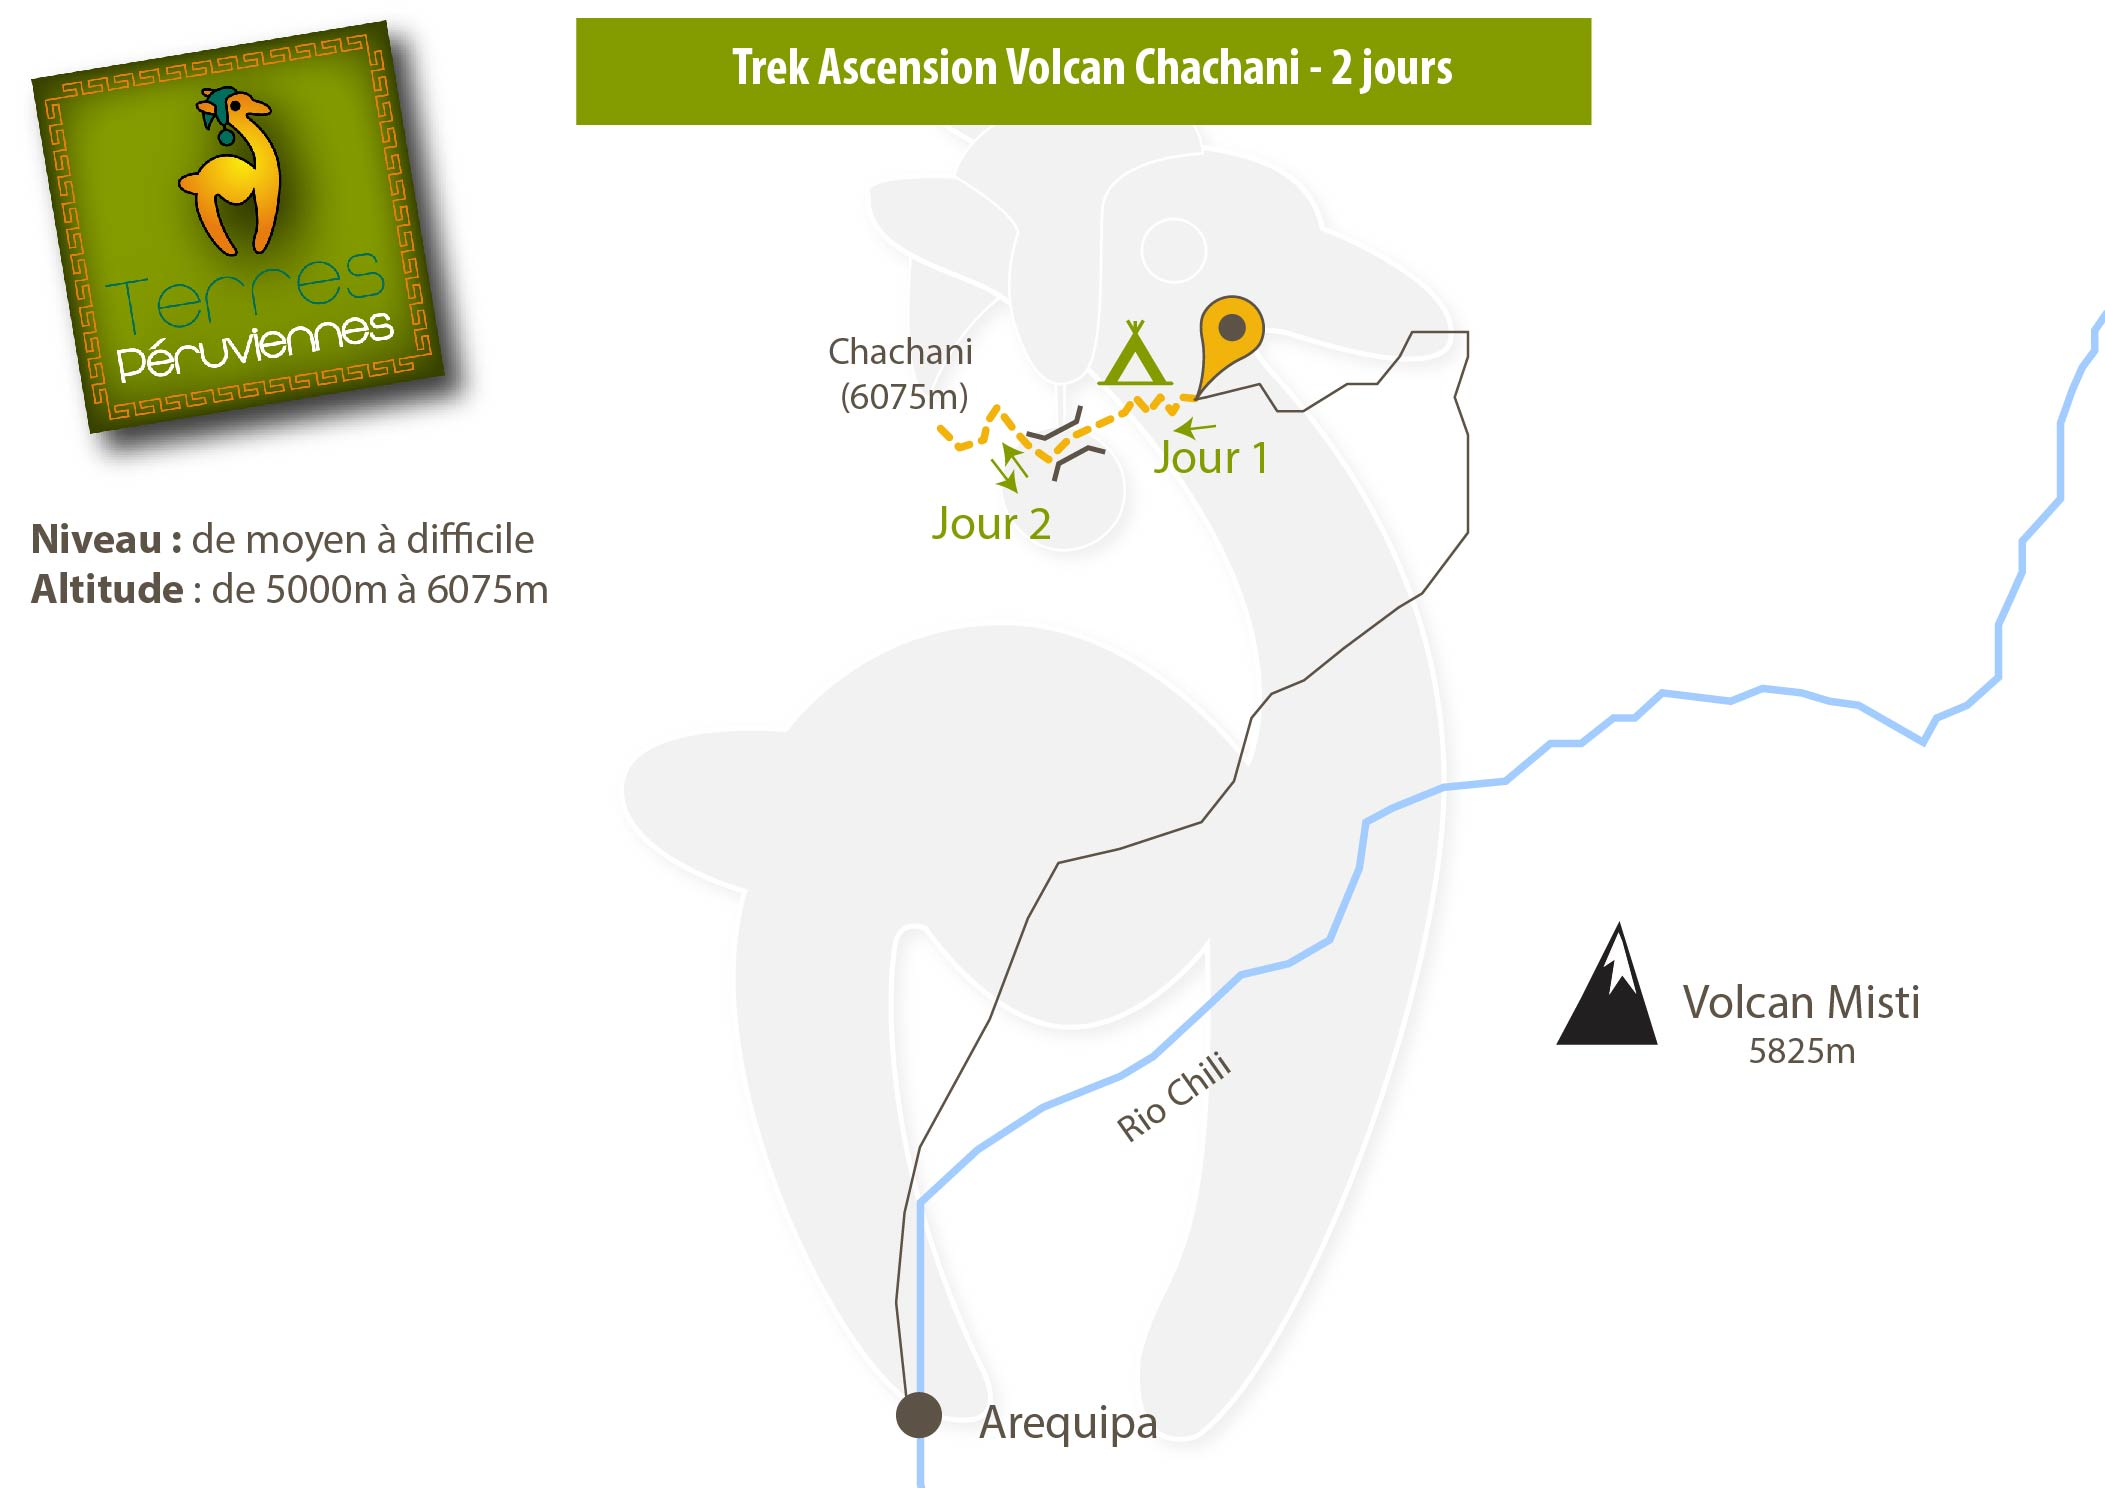 Trek ascension du volcan chachani en 2 jours arequipa - Jour de l ascension 2017 ...